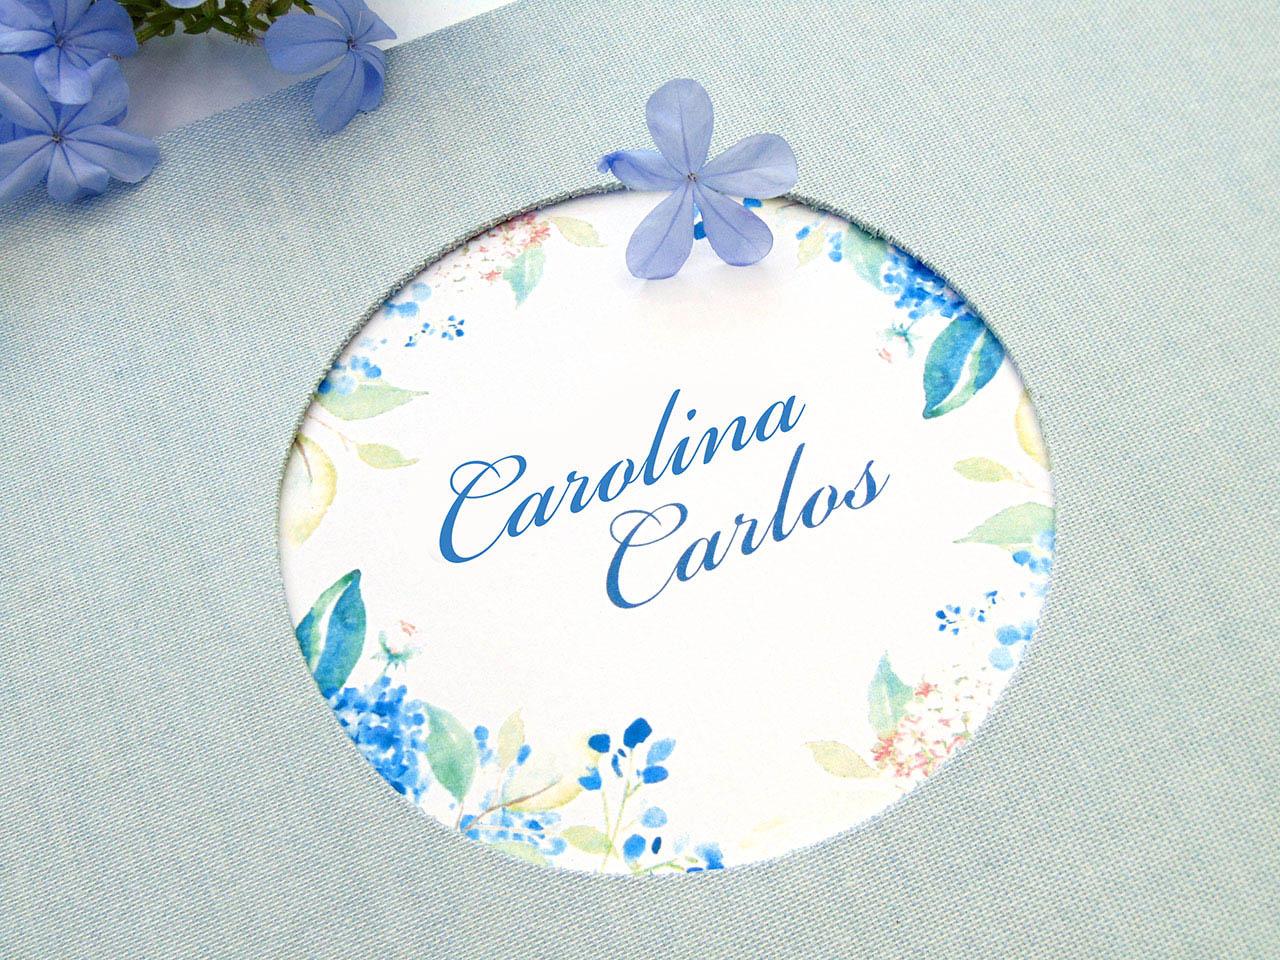 Círculo troquelado en la tapa con diseño inspirado en las invitaciones